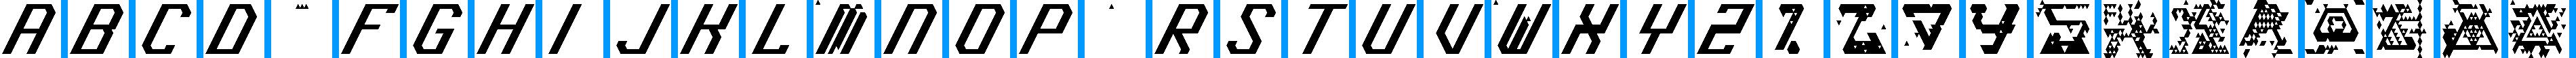 Particip-a-type v.236